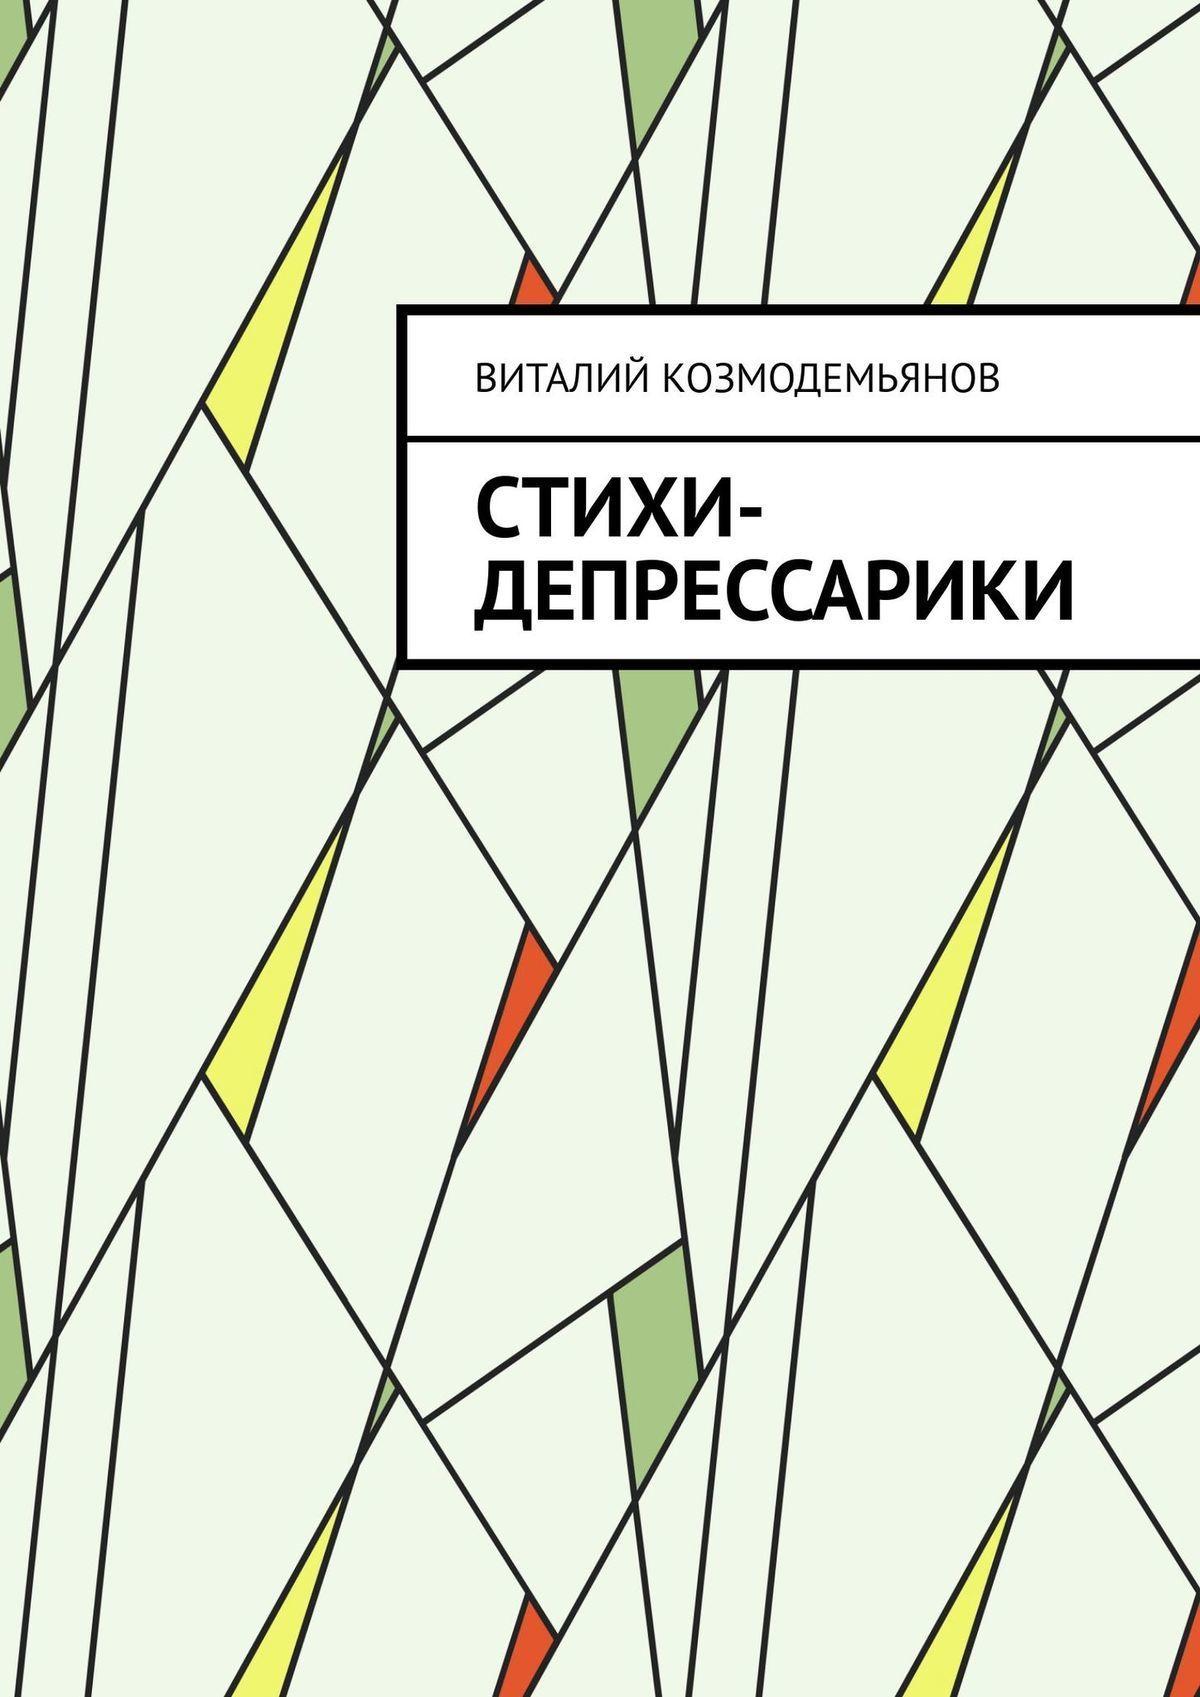 Виталий Козмодемьянов - Стихи-депрессарики